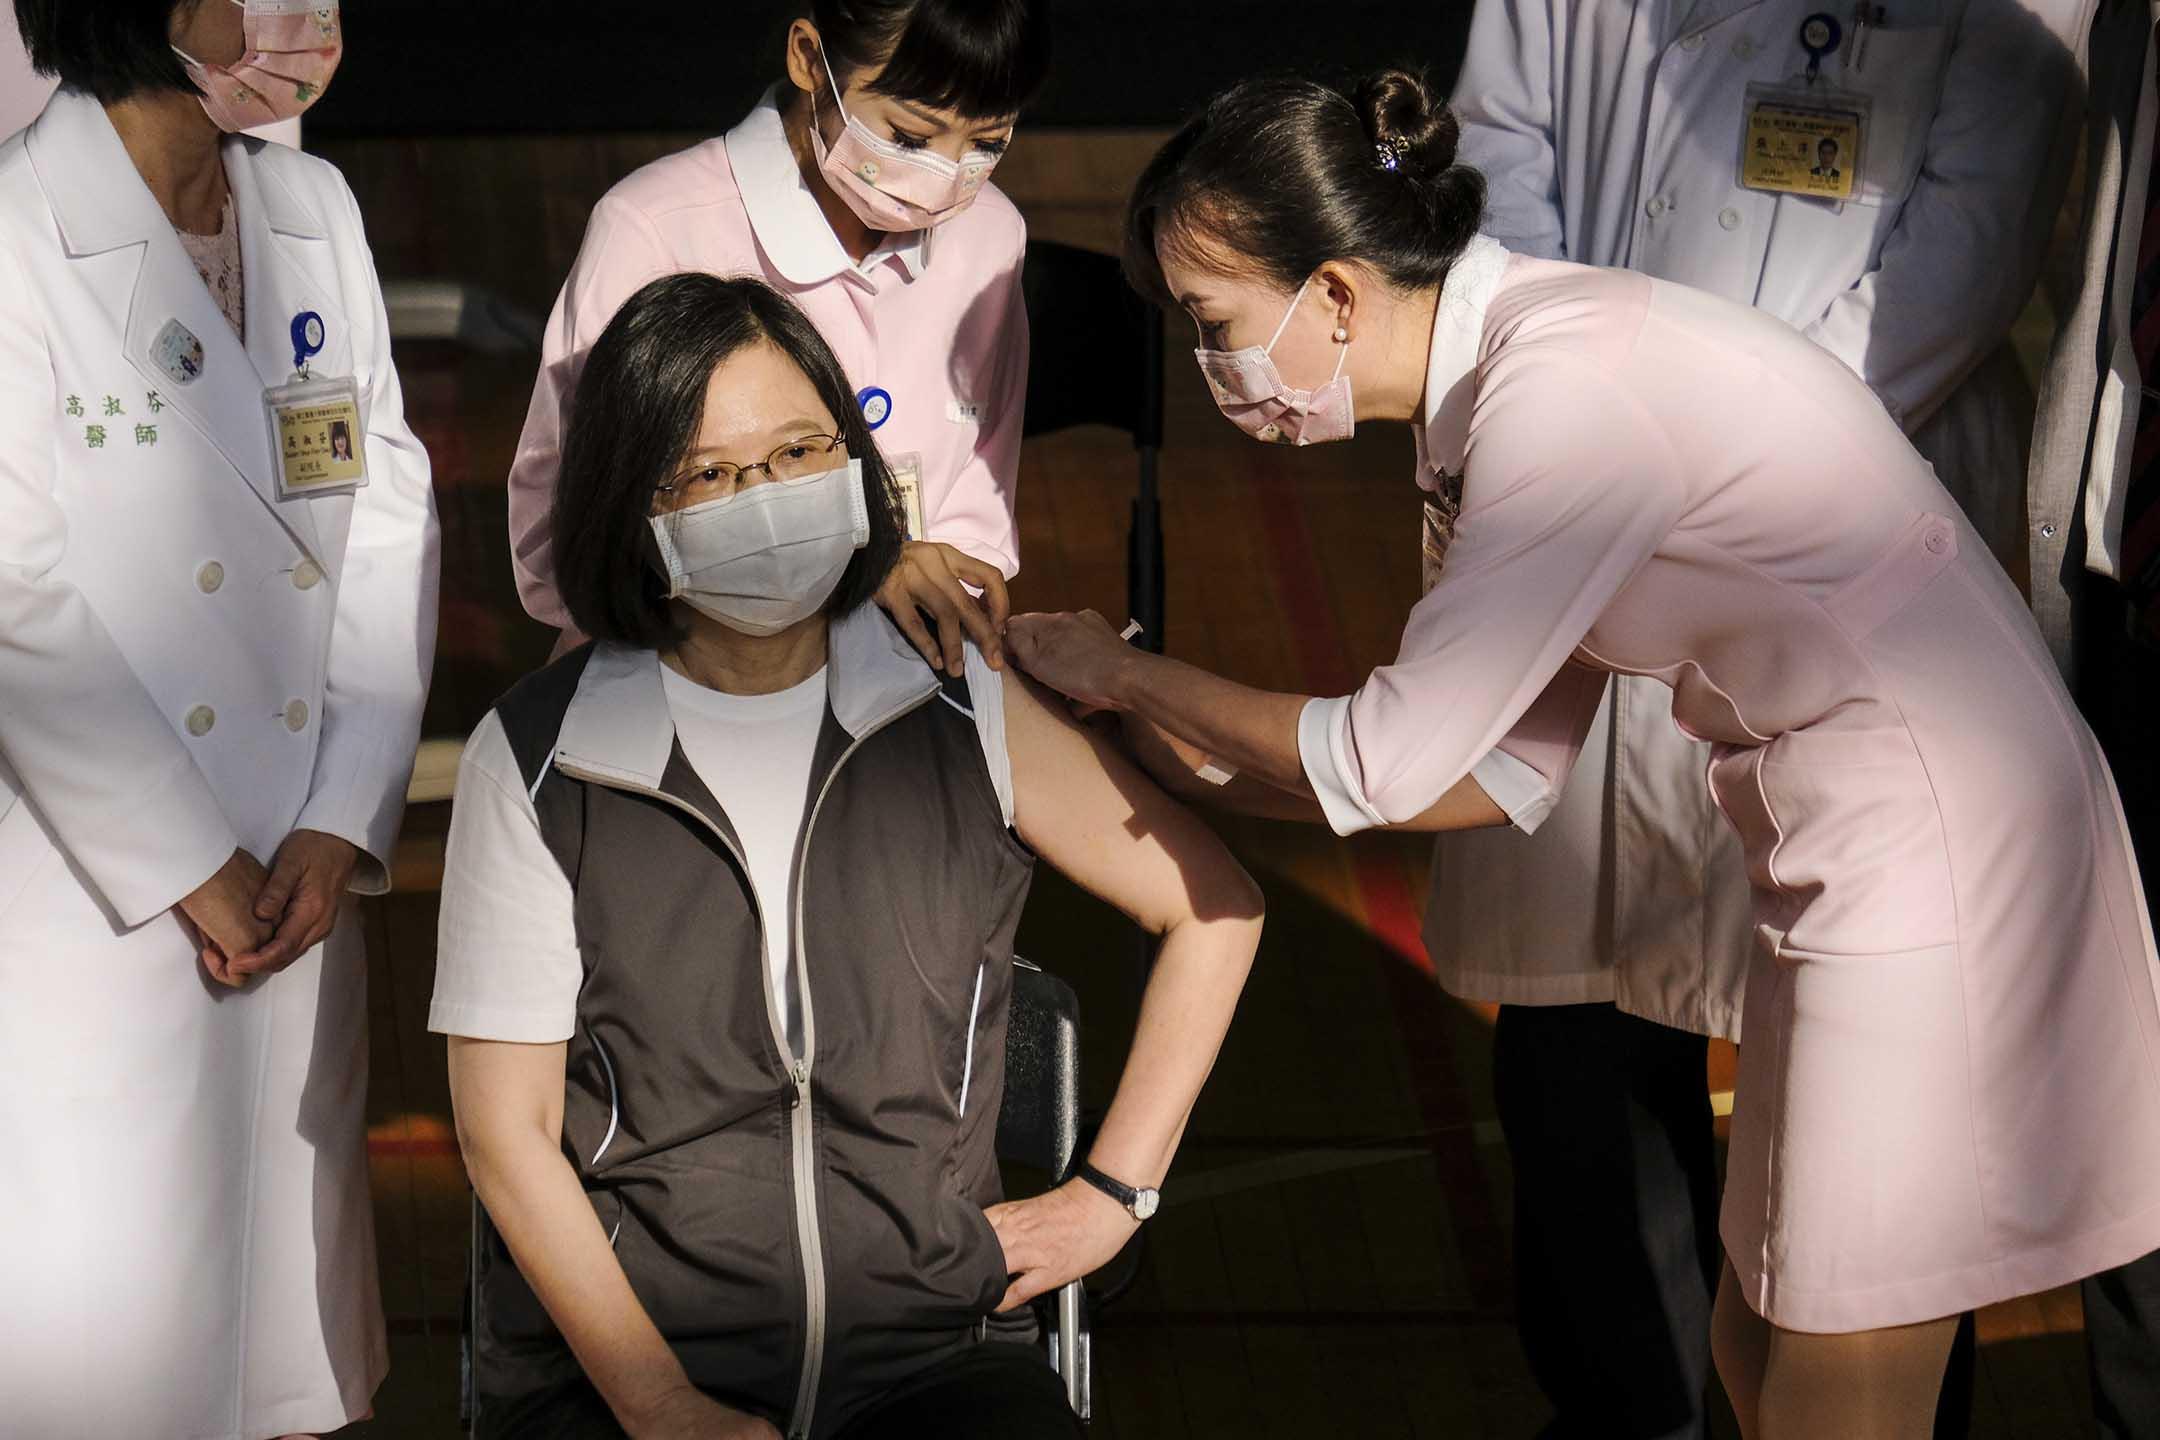 2021年8月23日台北,台灣總統蔡英文接種了第一劑高端疫苗。